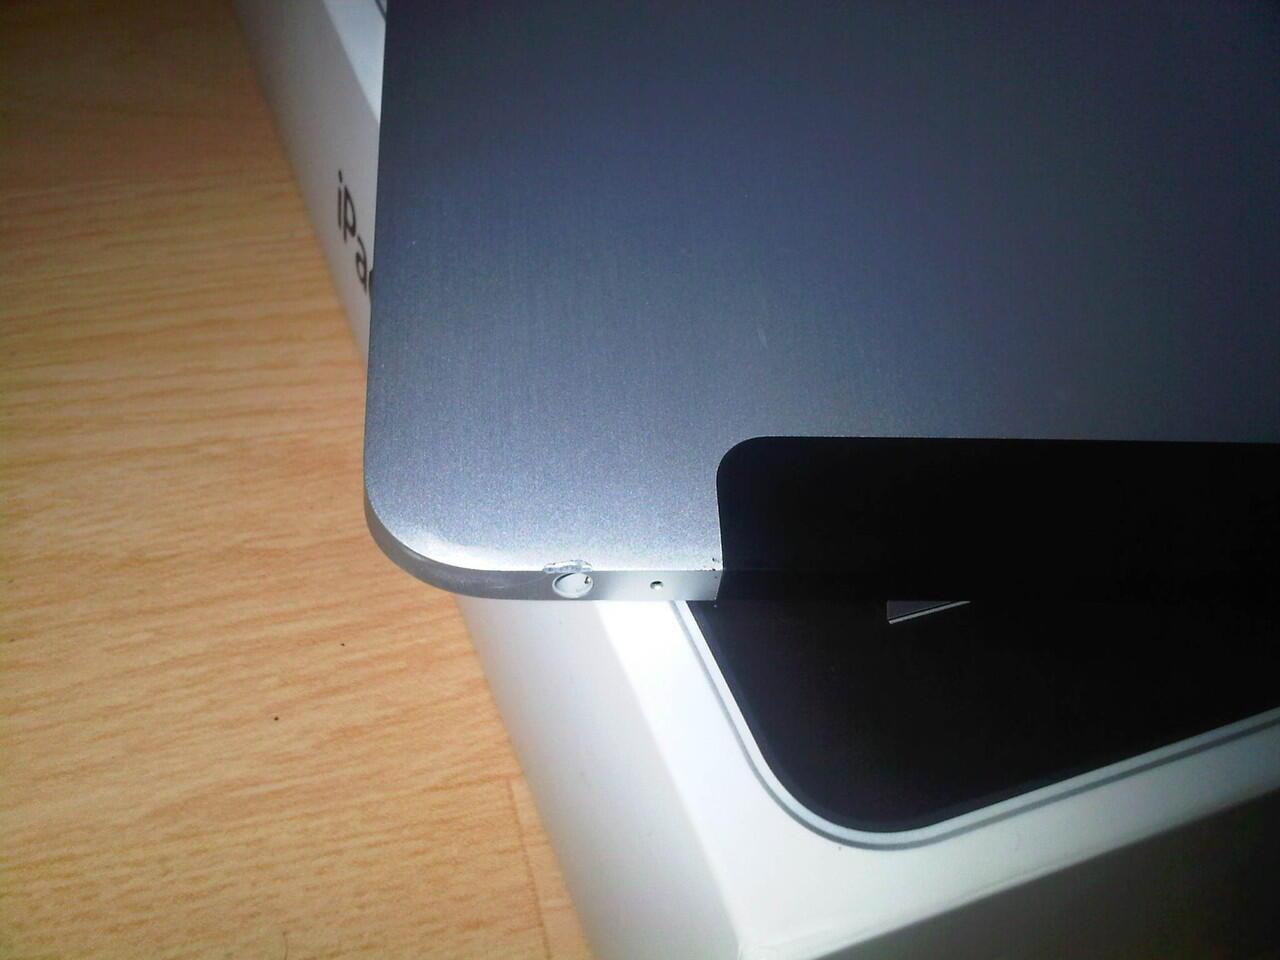 JUAL IPAD1 64GB WIFI 3G SECOND (BLACK)